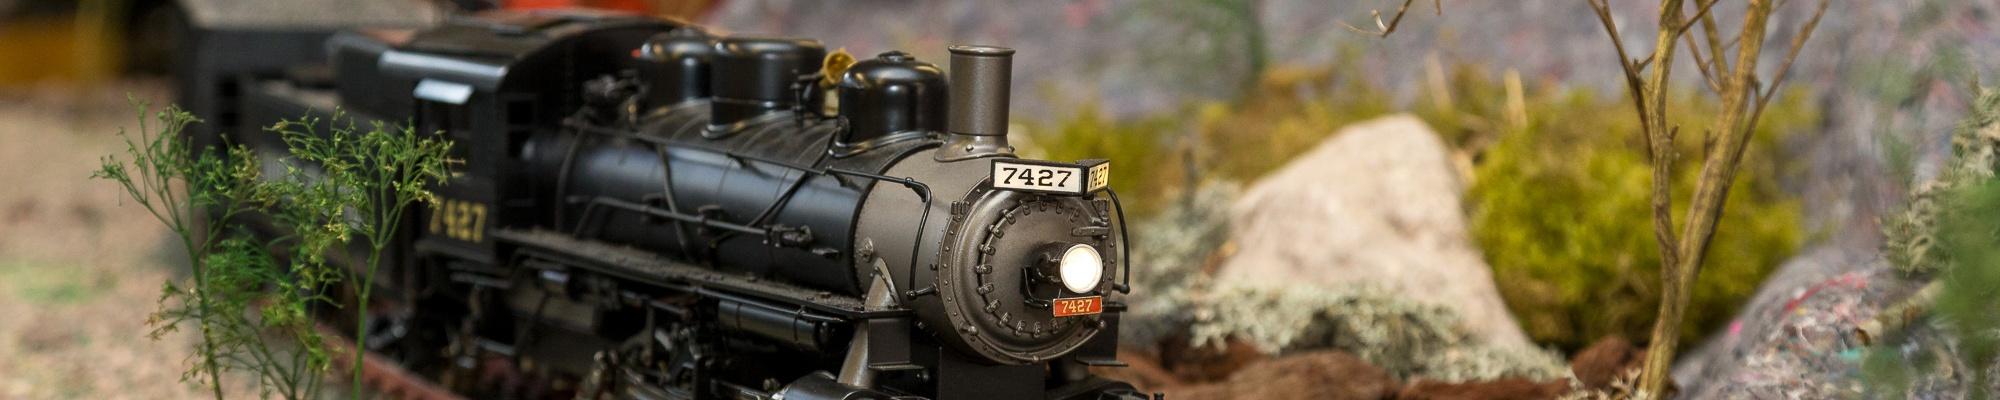 US Railway-Team St. Georgen im Schwarzwald